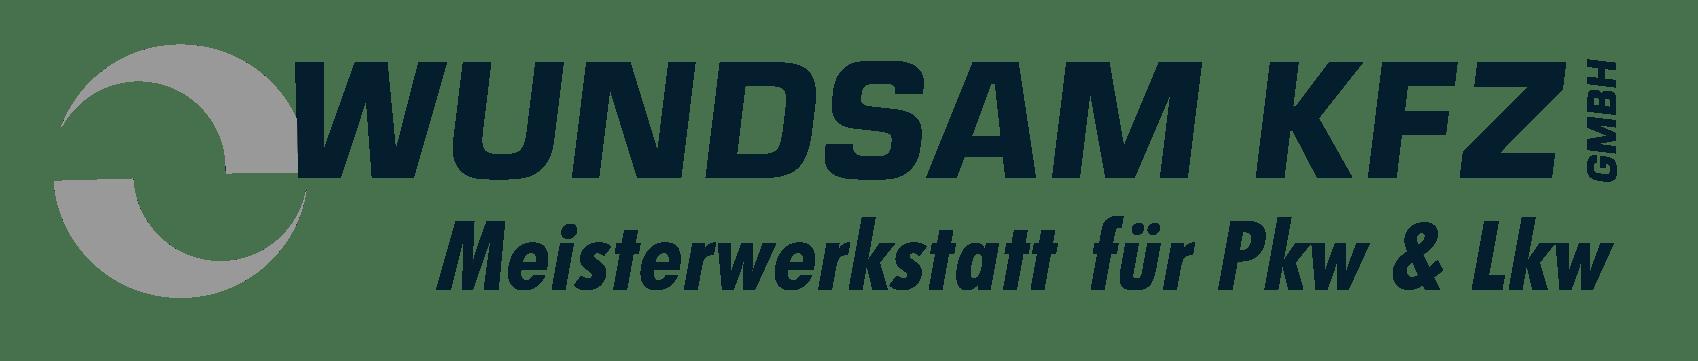 Wundsam KFZ GmbH